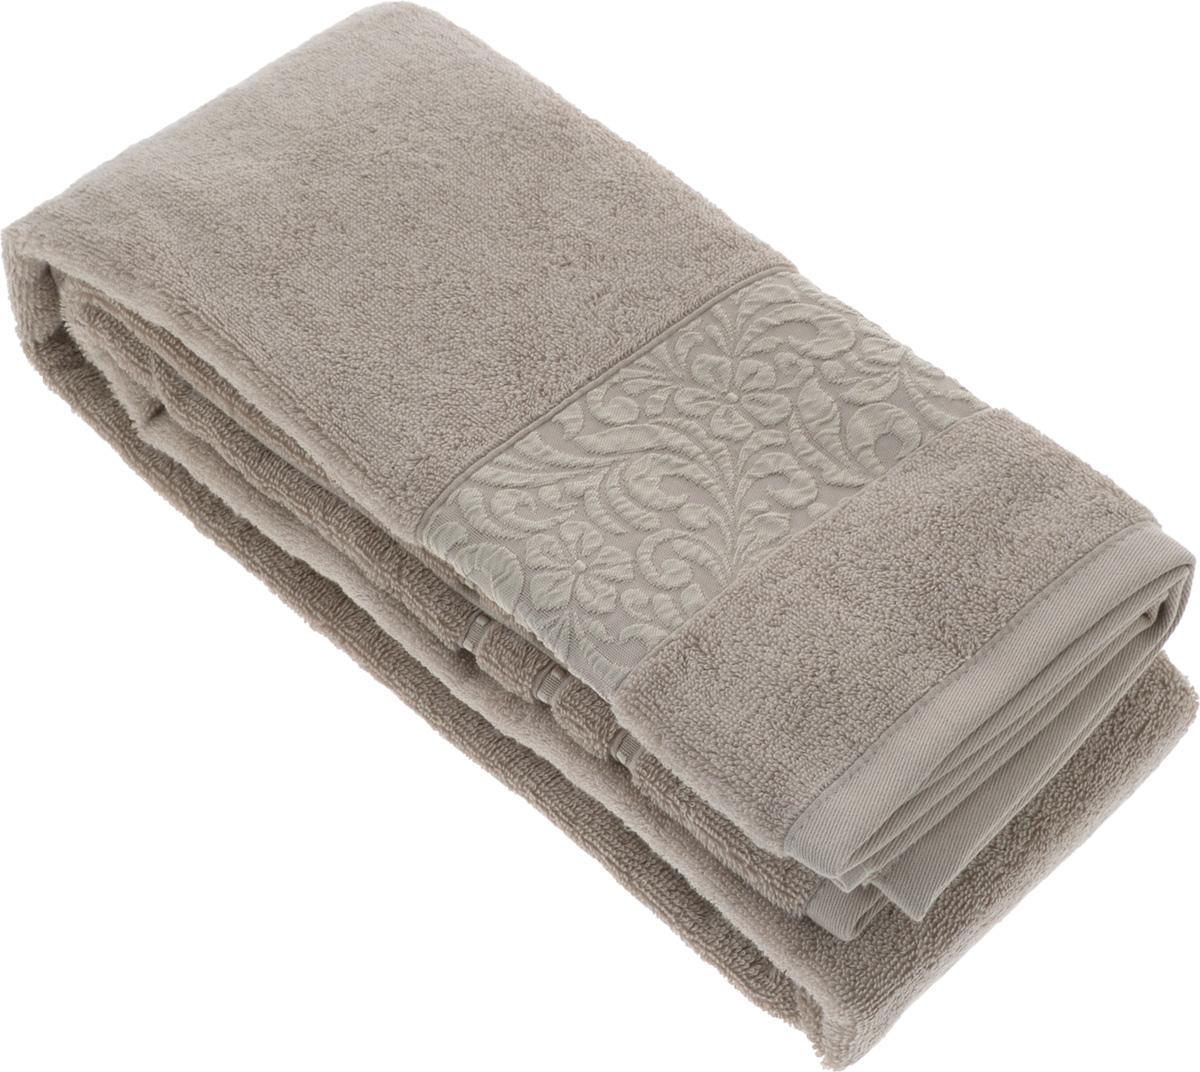 Полотенце бамбуковое Issimo Home Valencia, цвет: бежевый, 90 x 150 см68/5/3Полотенце Issimo Home Valencia выполнено из 60% бамбукового волокна и 40% хлопка. Таким полотенцем не нужно вытираться - только коснитесь кожи - и ткань сама все впитает. Такая ткань впитывает в 3 раза лучше, чем хлопок.Несмотря на высокую плотность, полотенце быстро сохнет, остается легкими даже при намокании.Изделие имеет красивый жаккардовый бордюр, оформленный цветочным орнаментом. Благородный, классический тон создаст уют и подчеркнет лучшие качества махровой ткани, а сочный, яркий, летний оттенок создаст ощущение праздника и наполнит дом энергией. Красивая, стильная упаковка этого полотенца делает его уже готовым подарком к любому случаю.